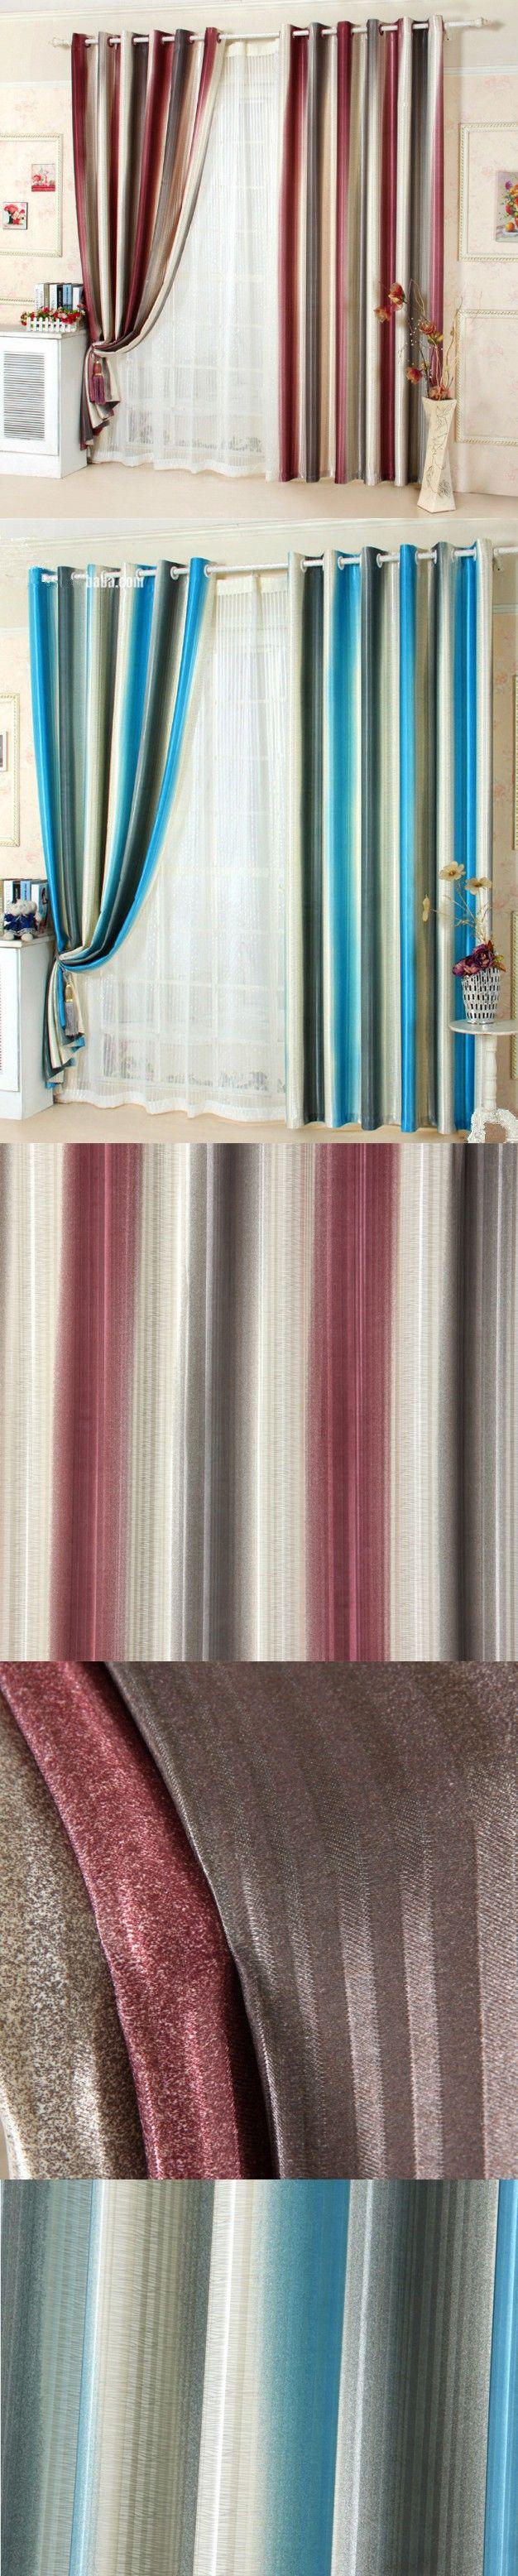 Best 25+ Tulle curtains ideas on Pinterest | Tutu curtains, Tulle ...